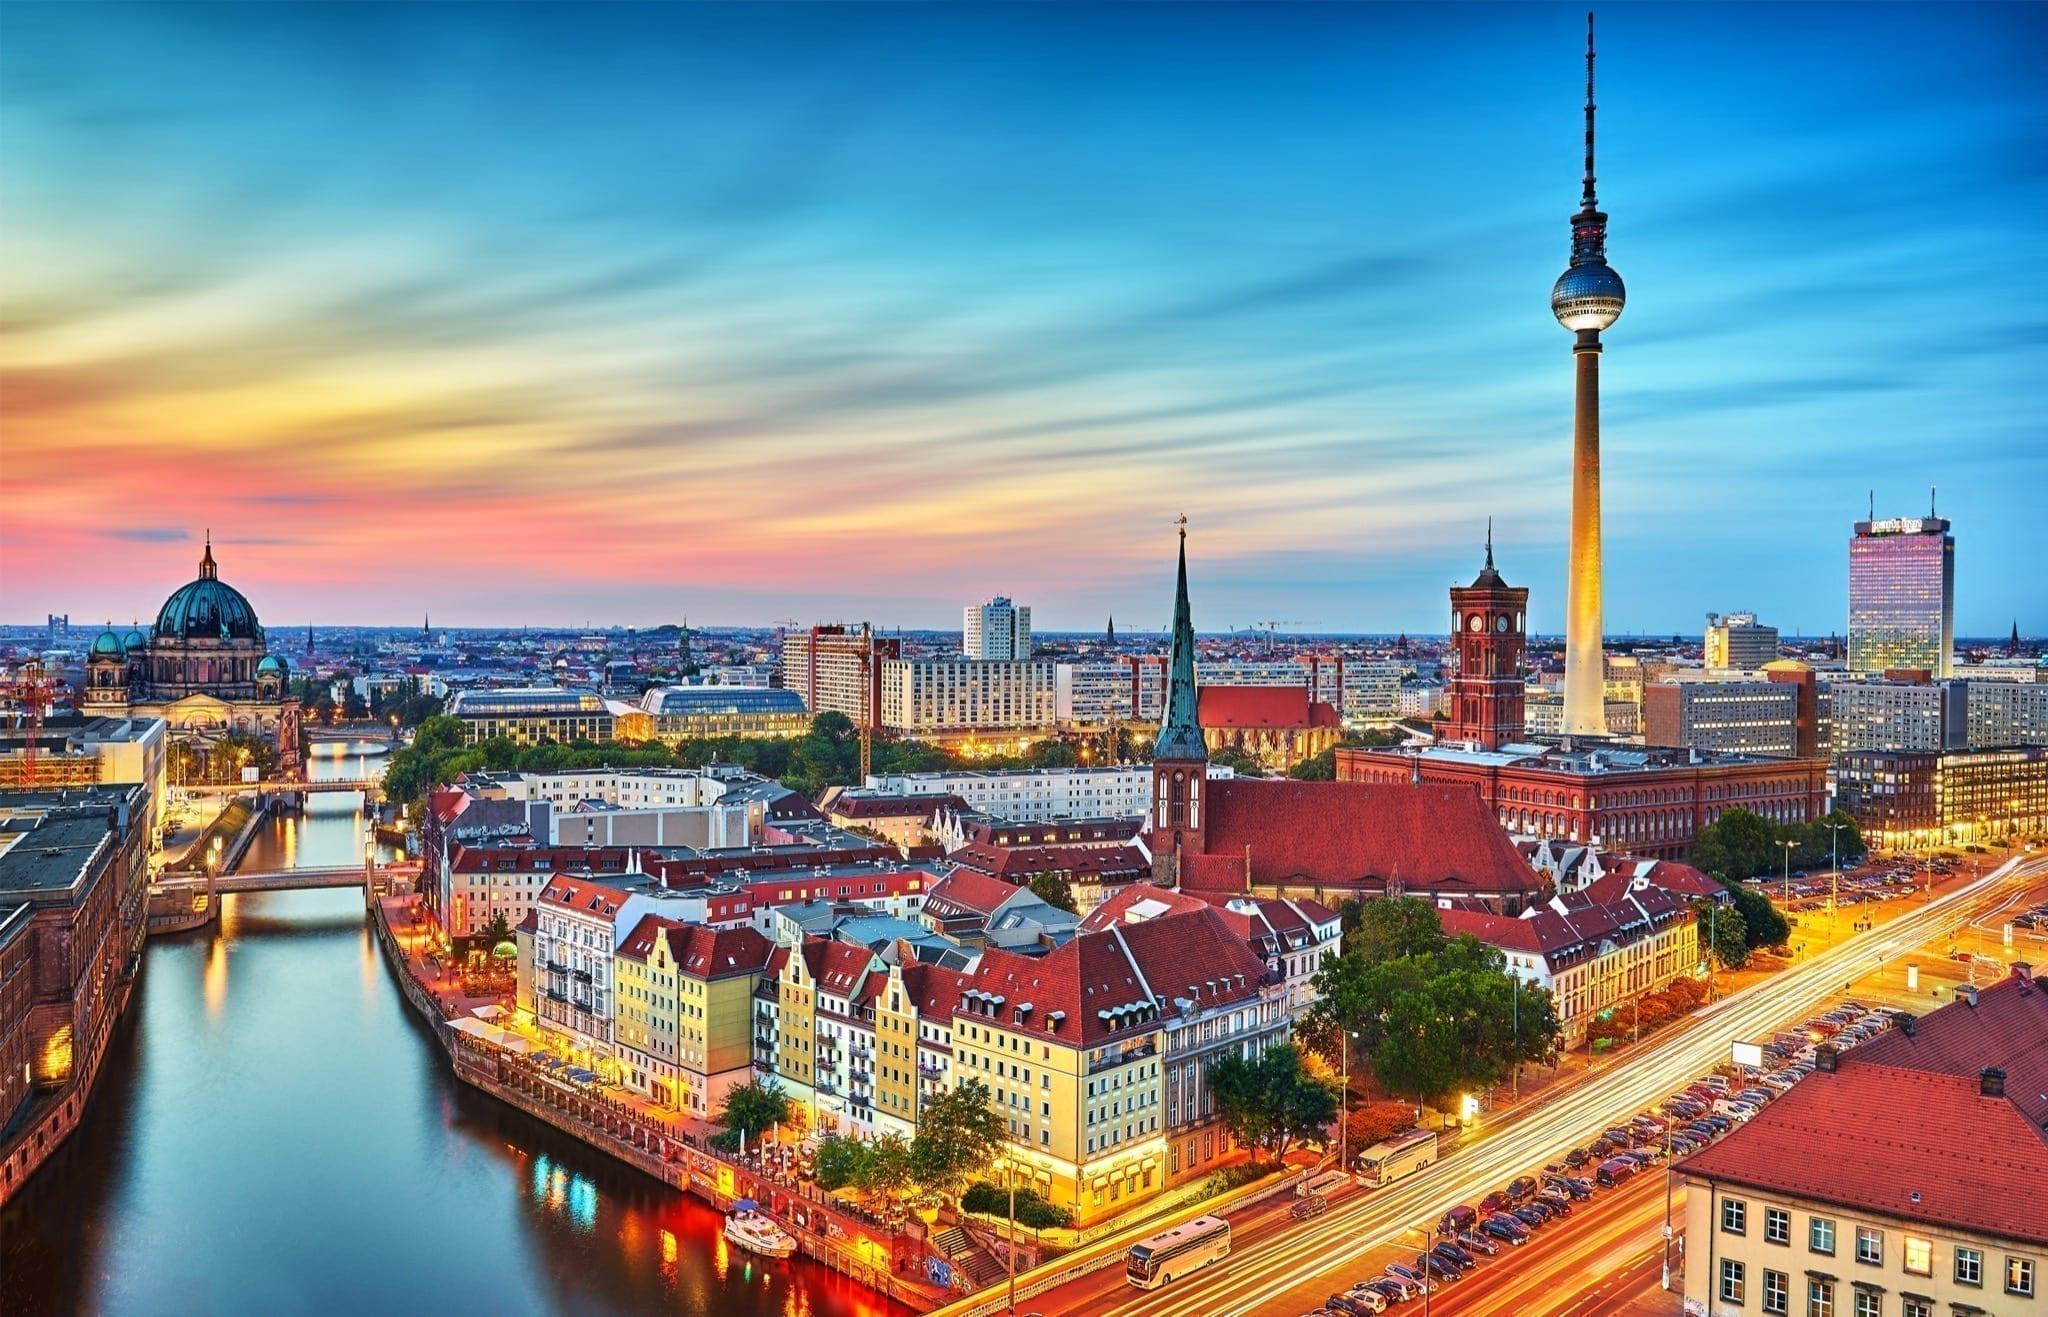 German Cities copy - Prețurile locuințelor în Europa: creșteri surprinzătoare, stimulate de guverne